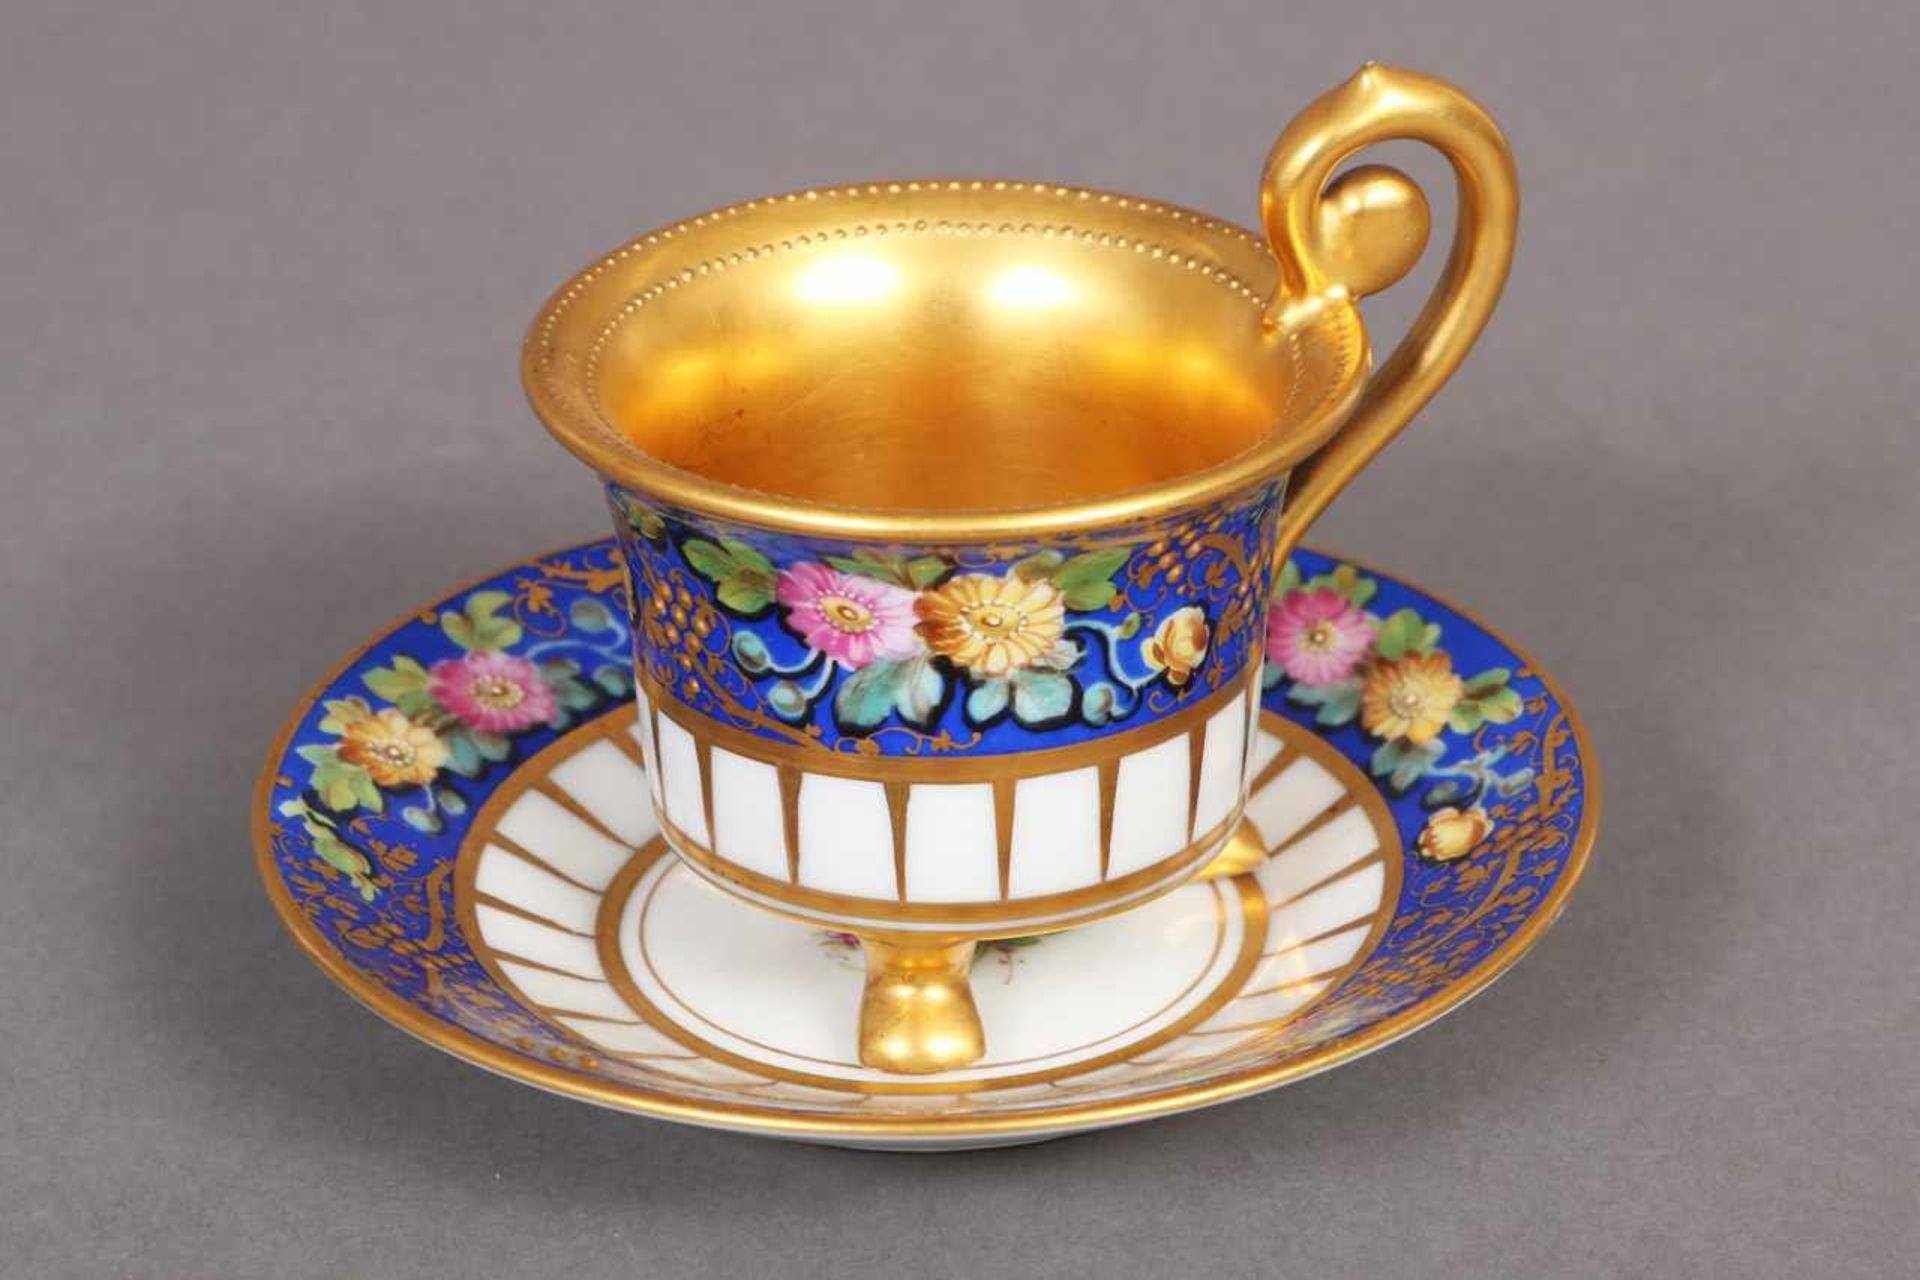 Los 13 - DRESDEN Tasse mit Untertasse um 1900, königsblauer Fond mit polychromem Blumendekor, reich vergoldet